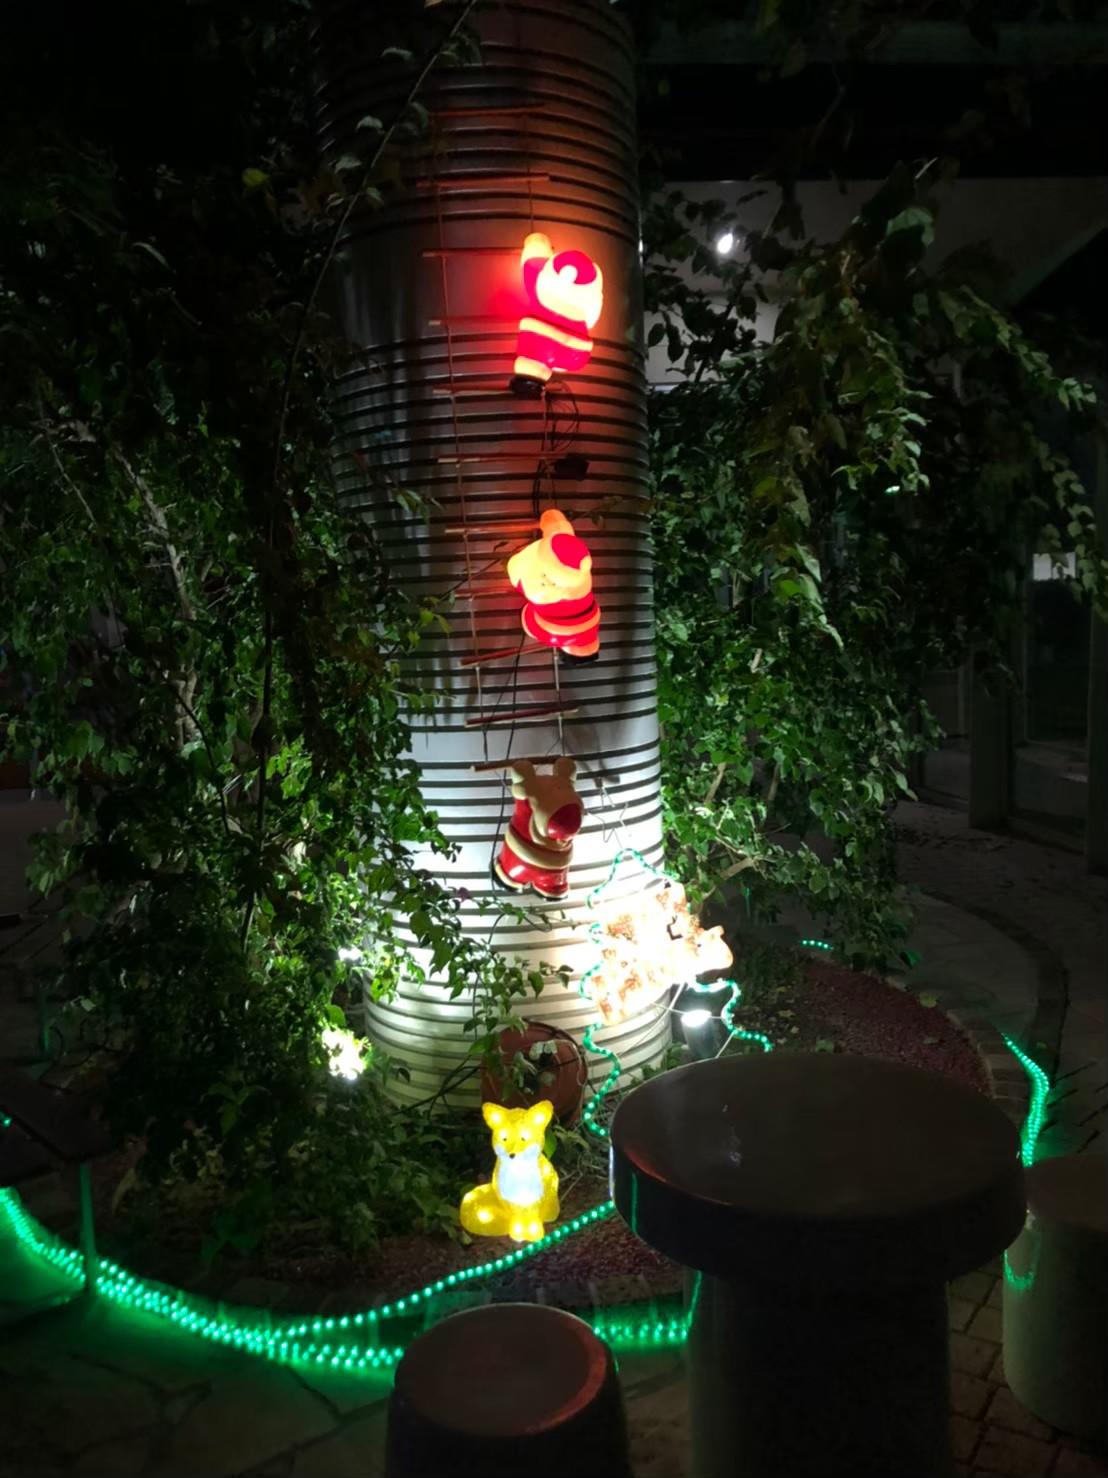 ← 昨年もあった、煙突を梯子で登っているサンタさんです!(このイルミネーション縦に長いので設置するのに一苦労しています…笑)  サンタさんの下にはこれまた去年もいたキツネとイルミネーションのミニ・クリスマスツリーも飾ってあります!